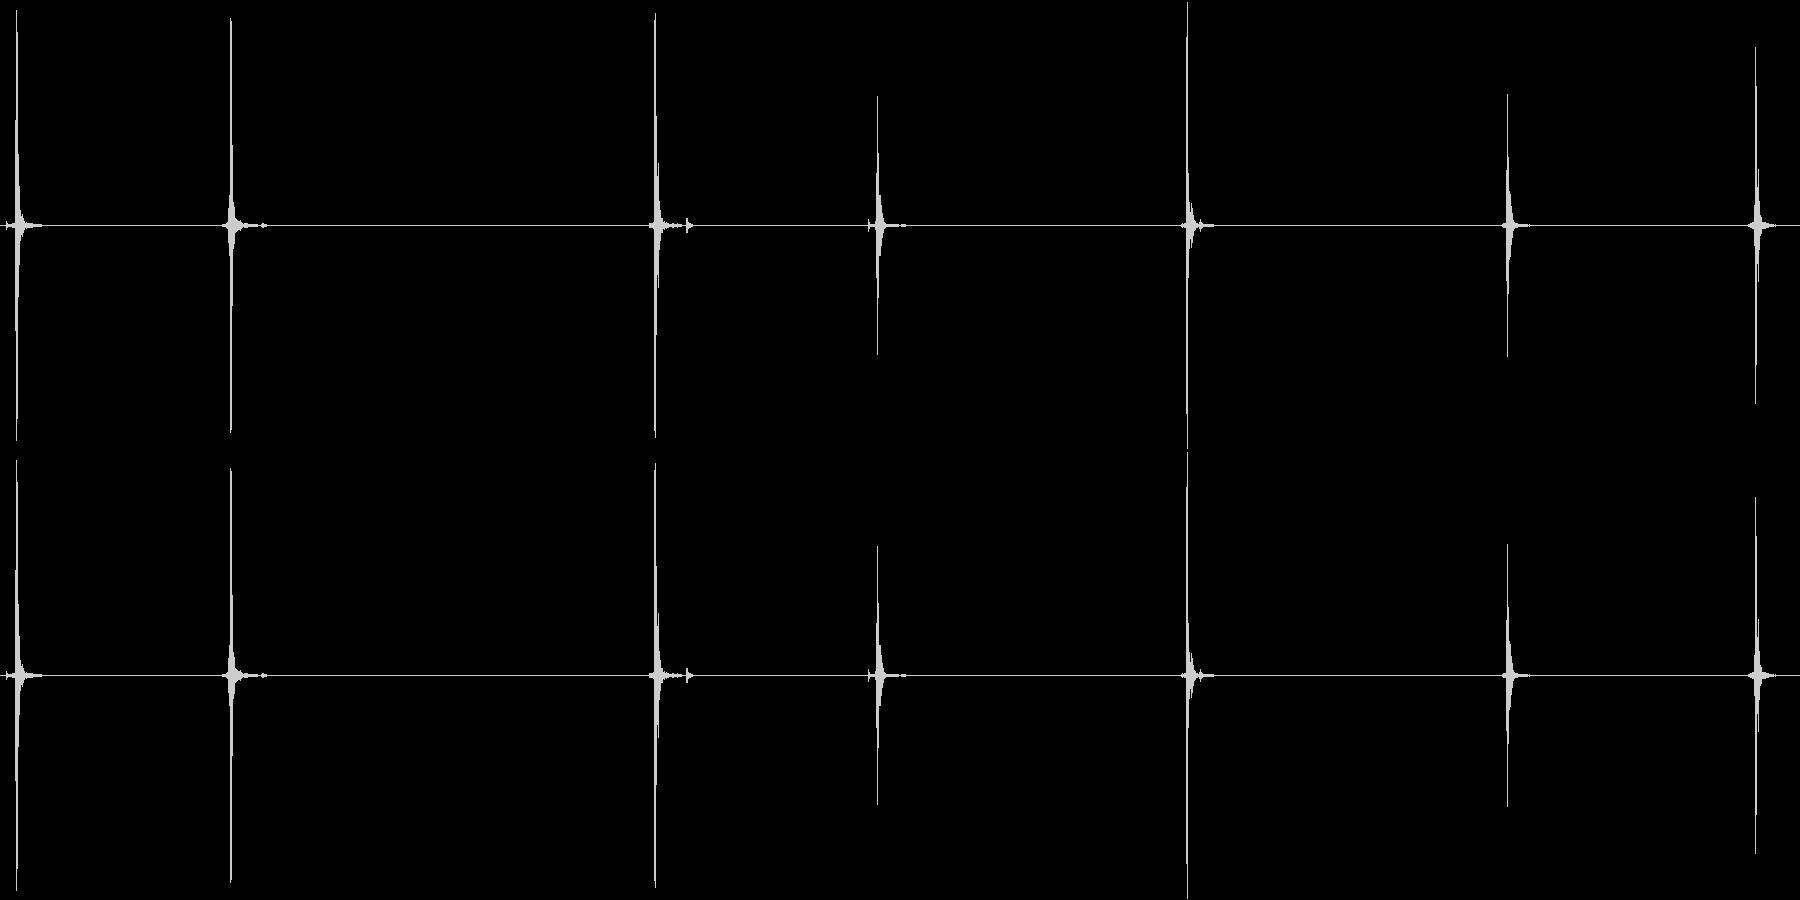 トグルスイッチ:7つのスイッチ、S...の未再生の波形